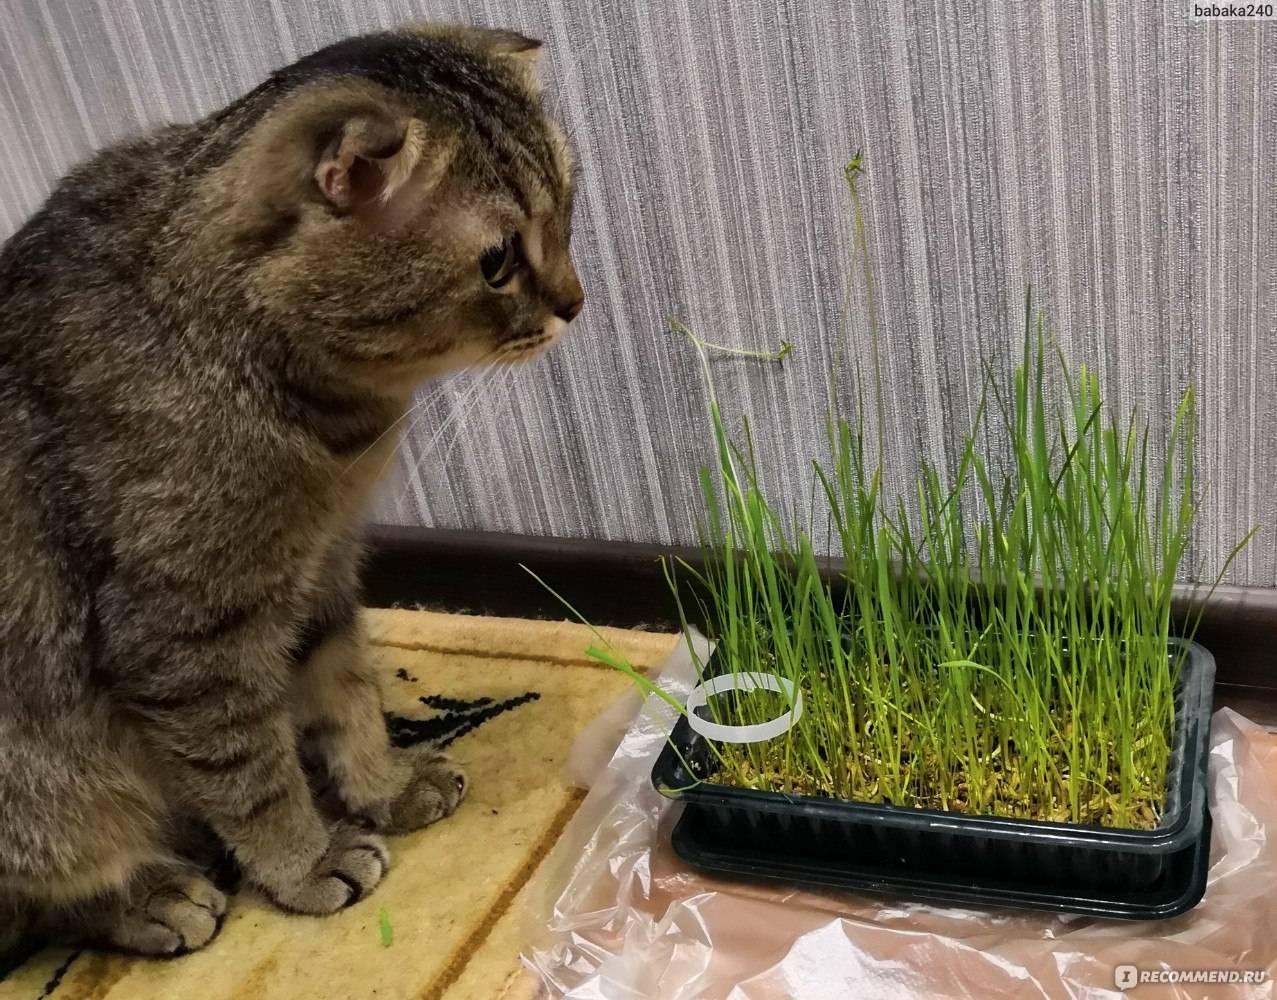 Трава для кошек: какая любимая, как посадить и вырастить | сайт «мурло»